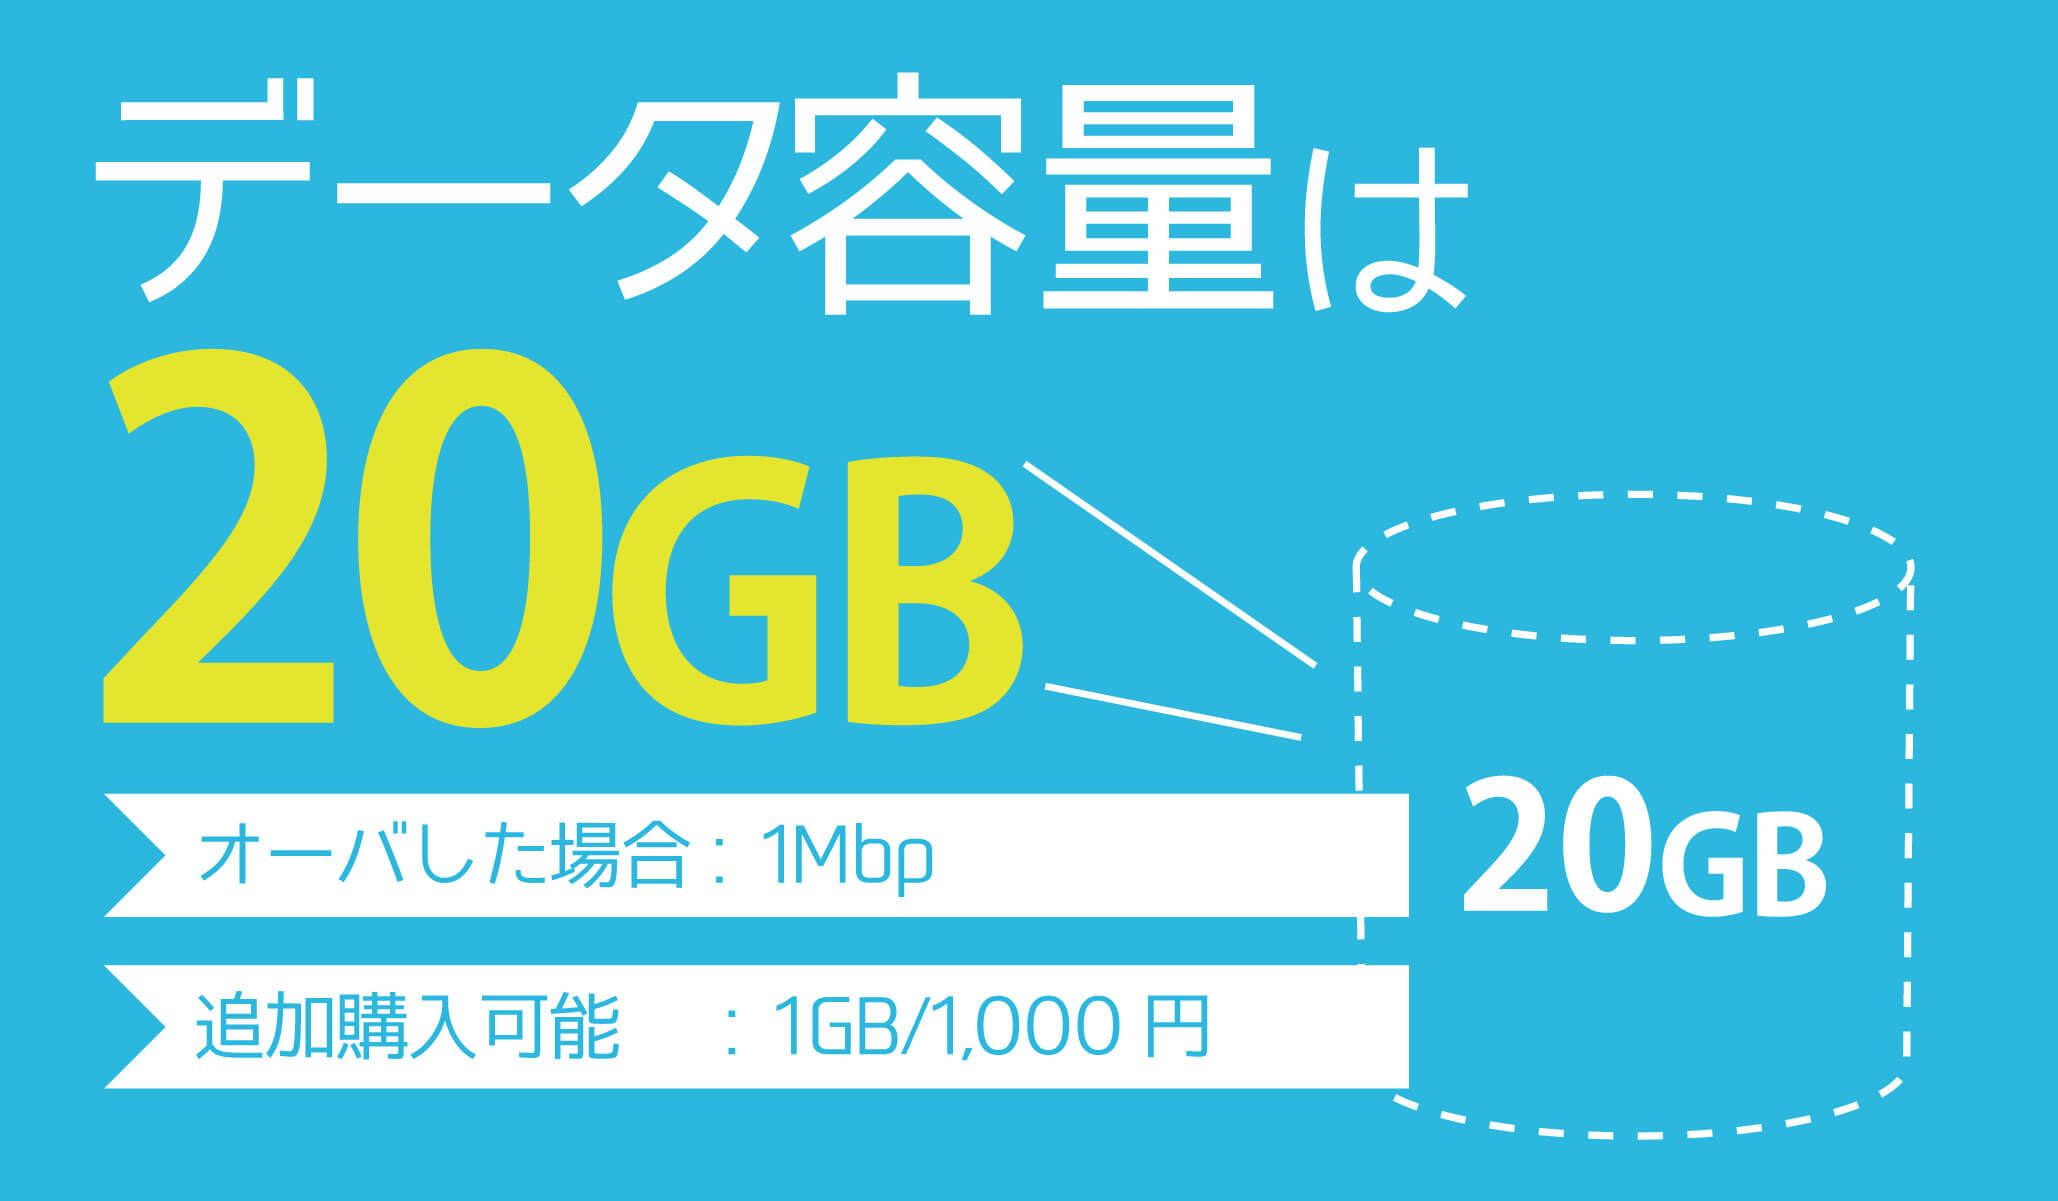 データ容量は20GB